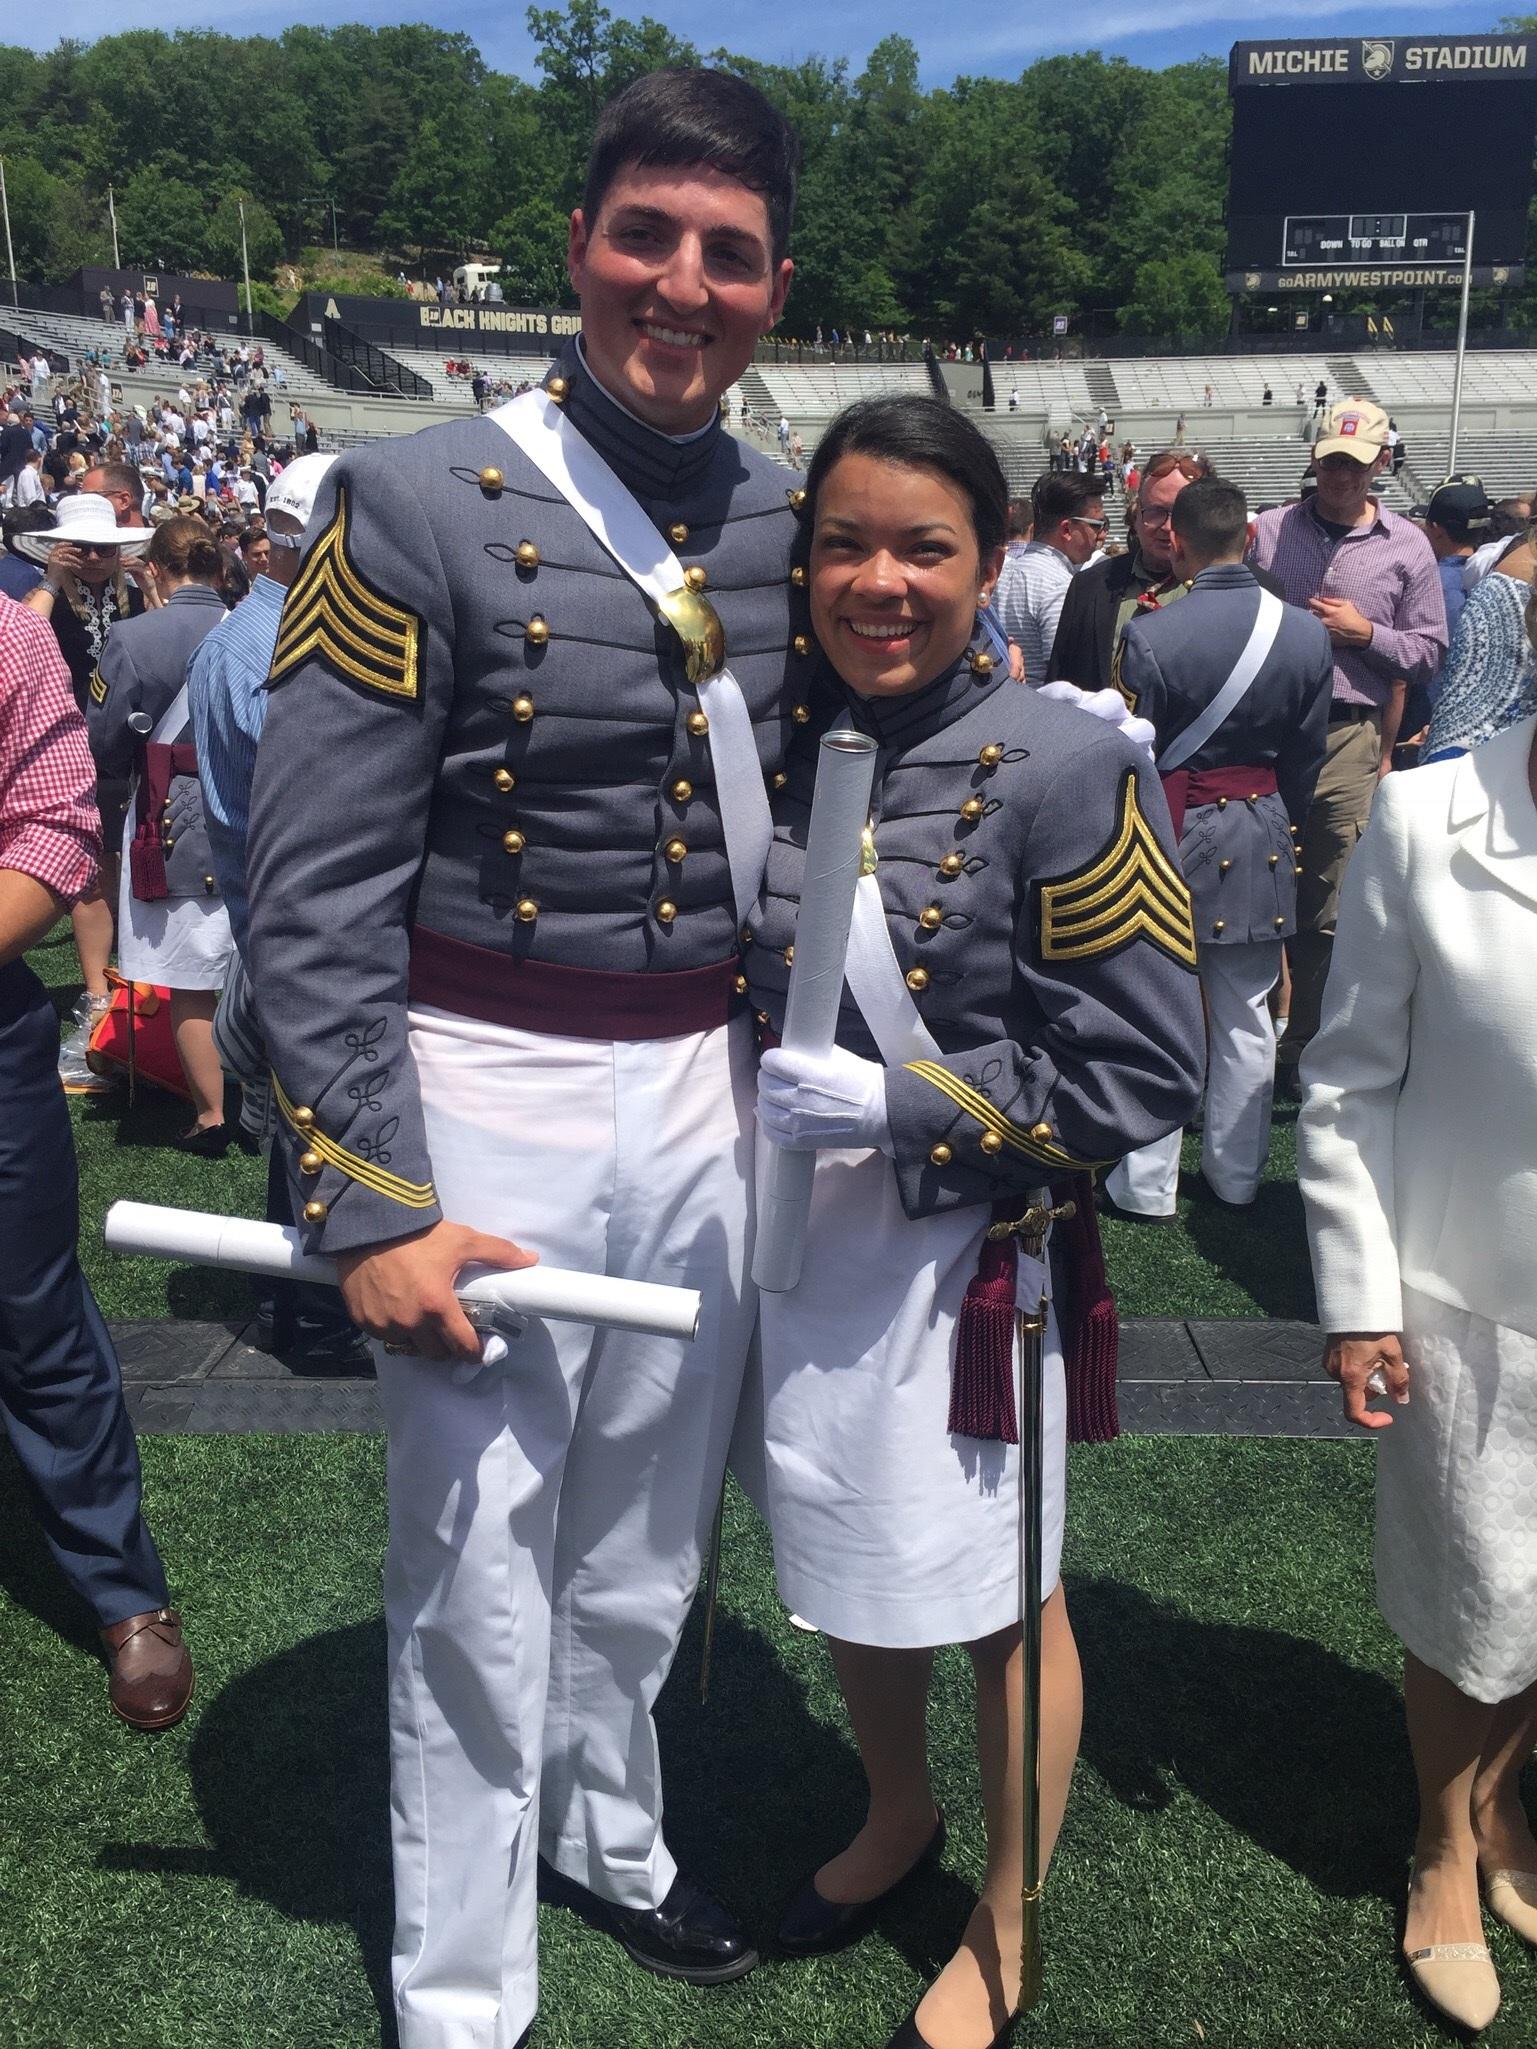 Maria, with boyfriend Ryan at their West Point graduation in 2017.